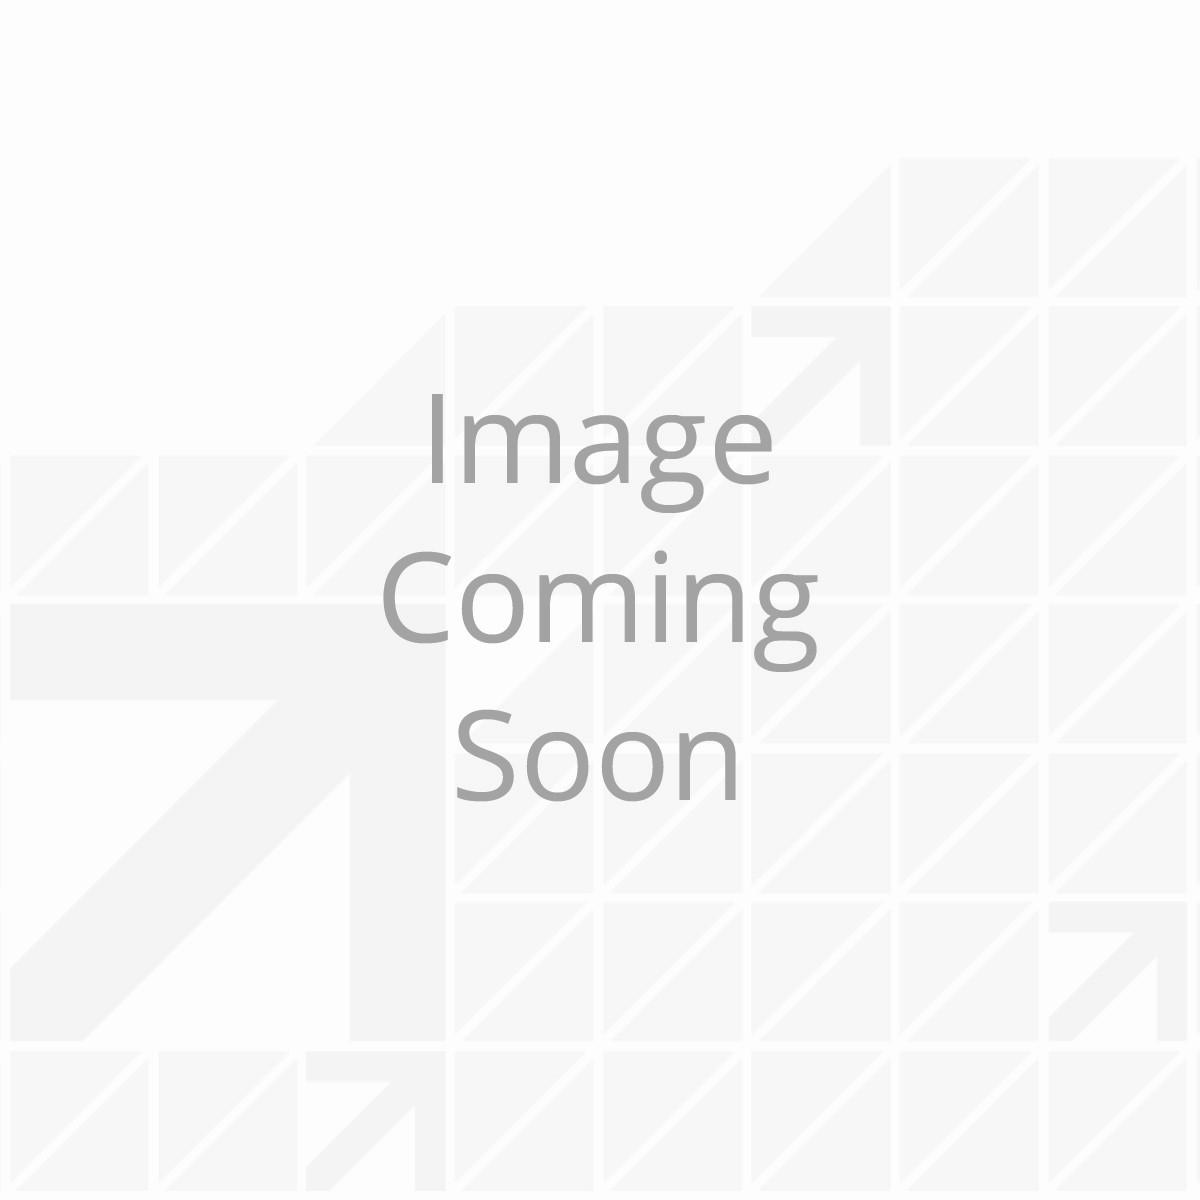 232997_-_axle_service_kit_-_001